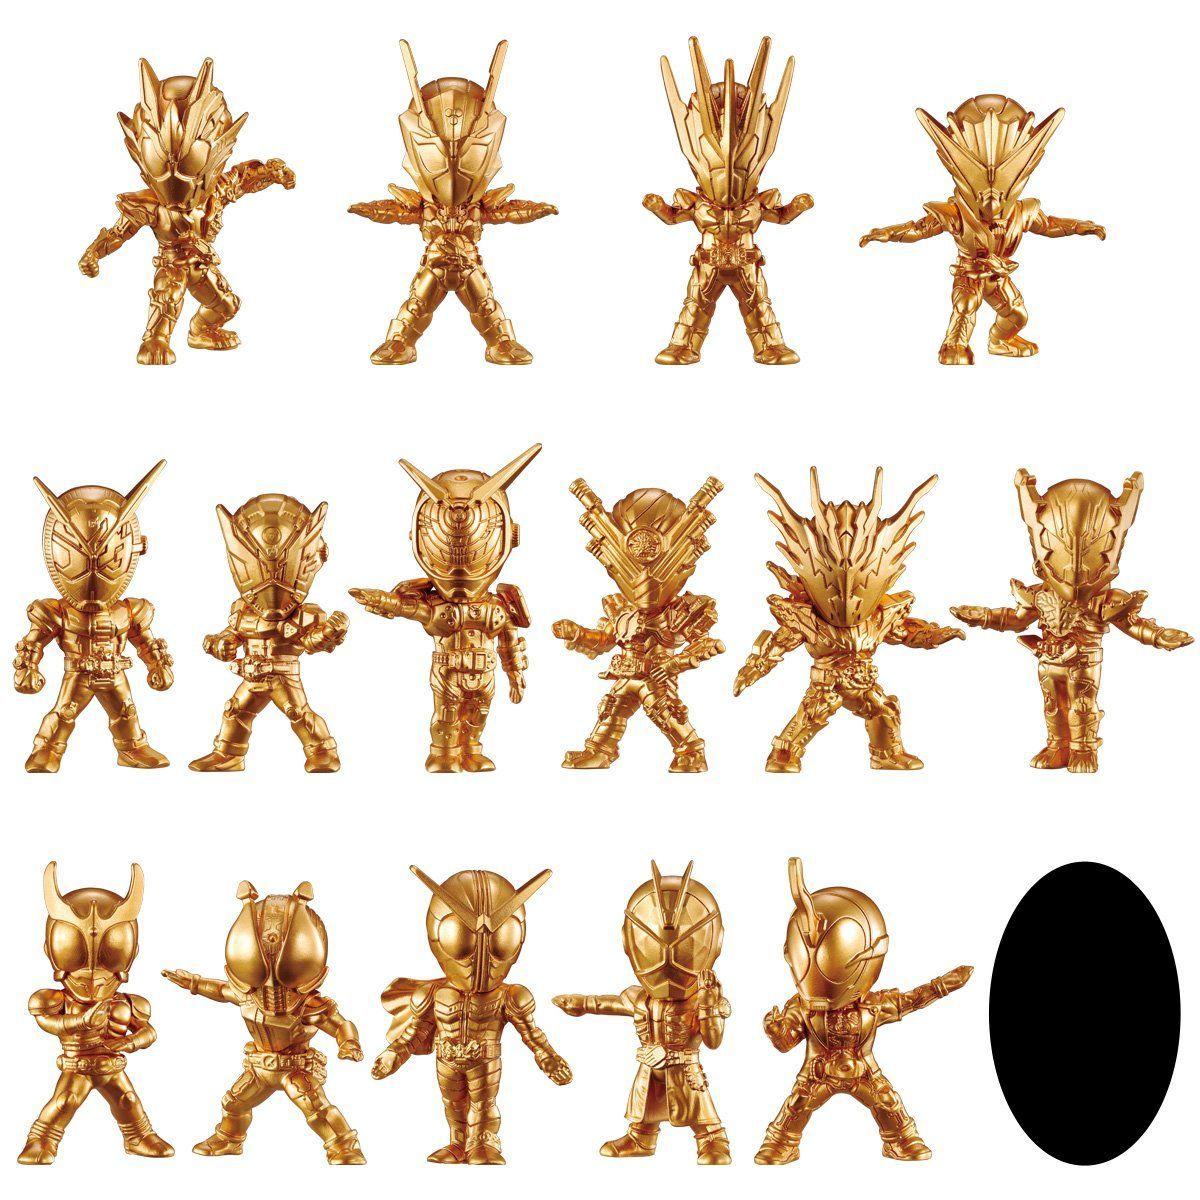 【食玩】『仮面ライダーゴールドフィギュア02』16個入りBOX-001